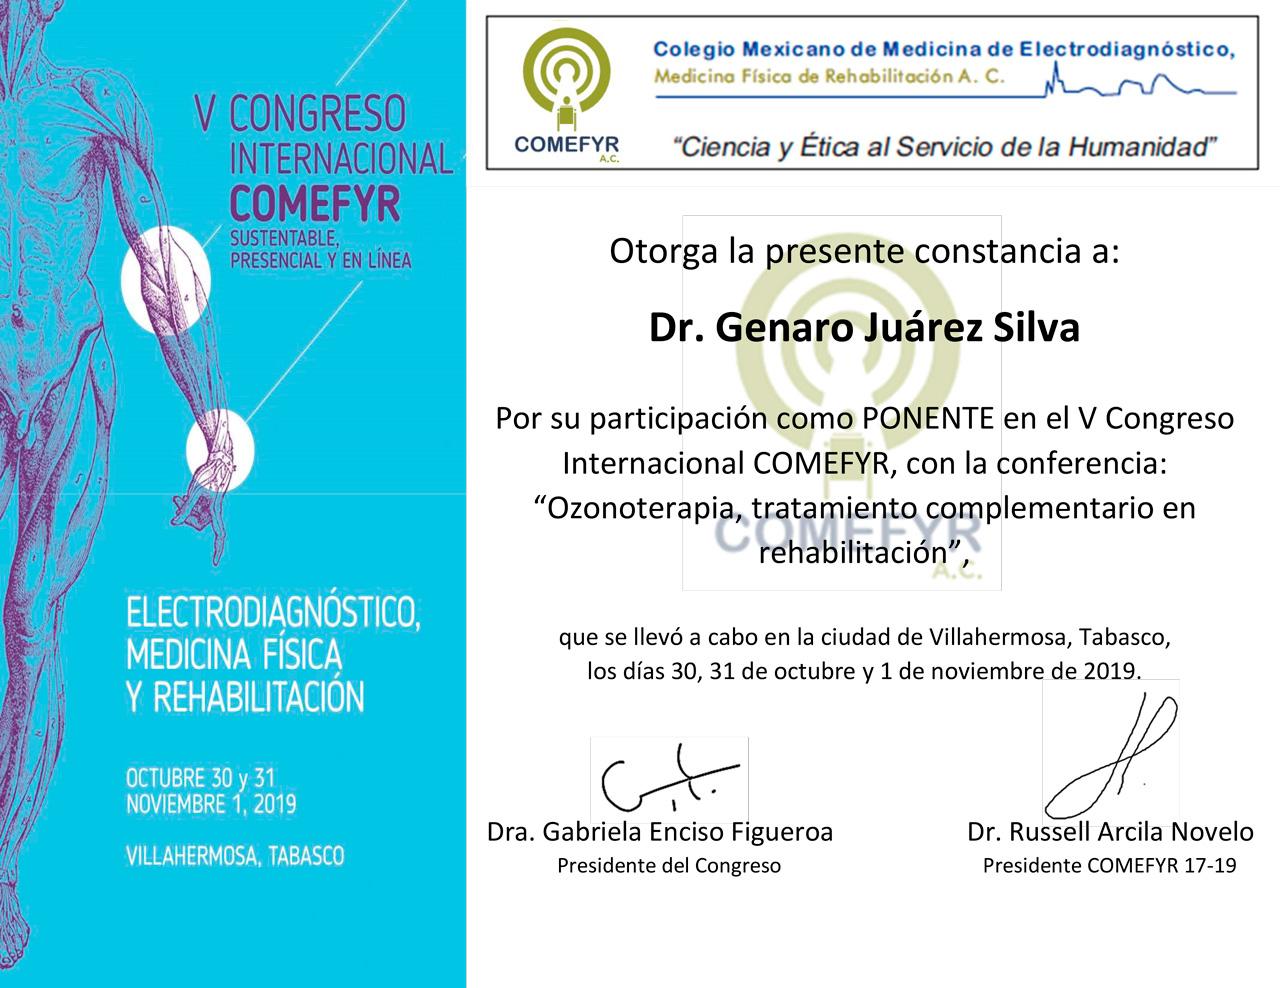 certificacion-ponente-v-congreso-int